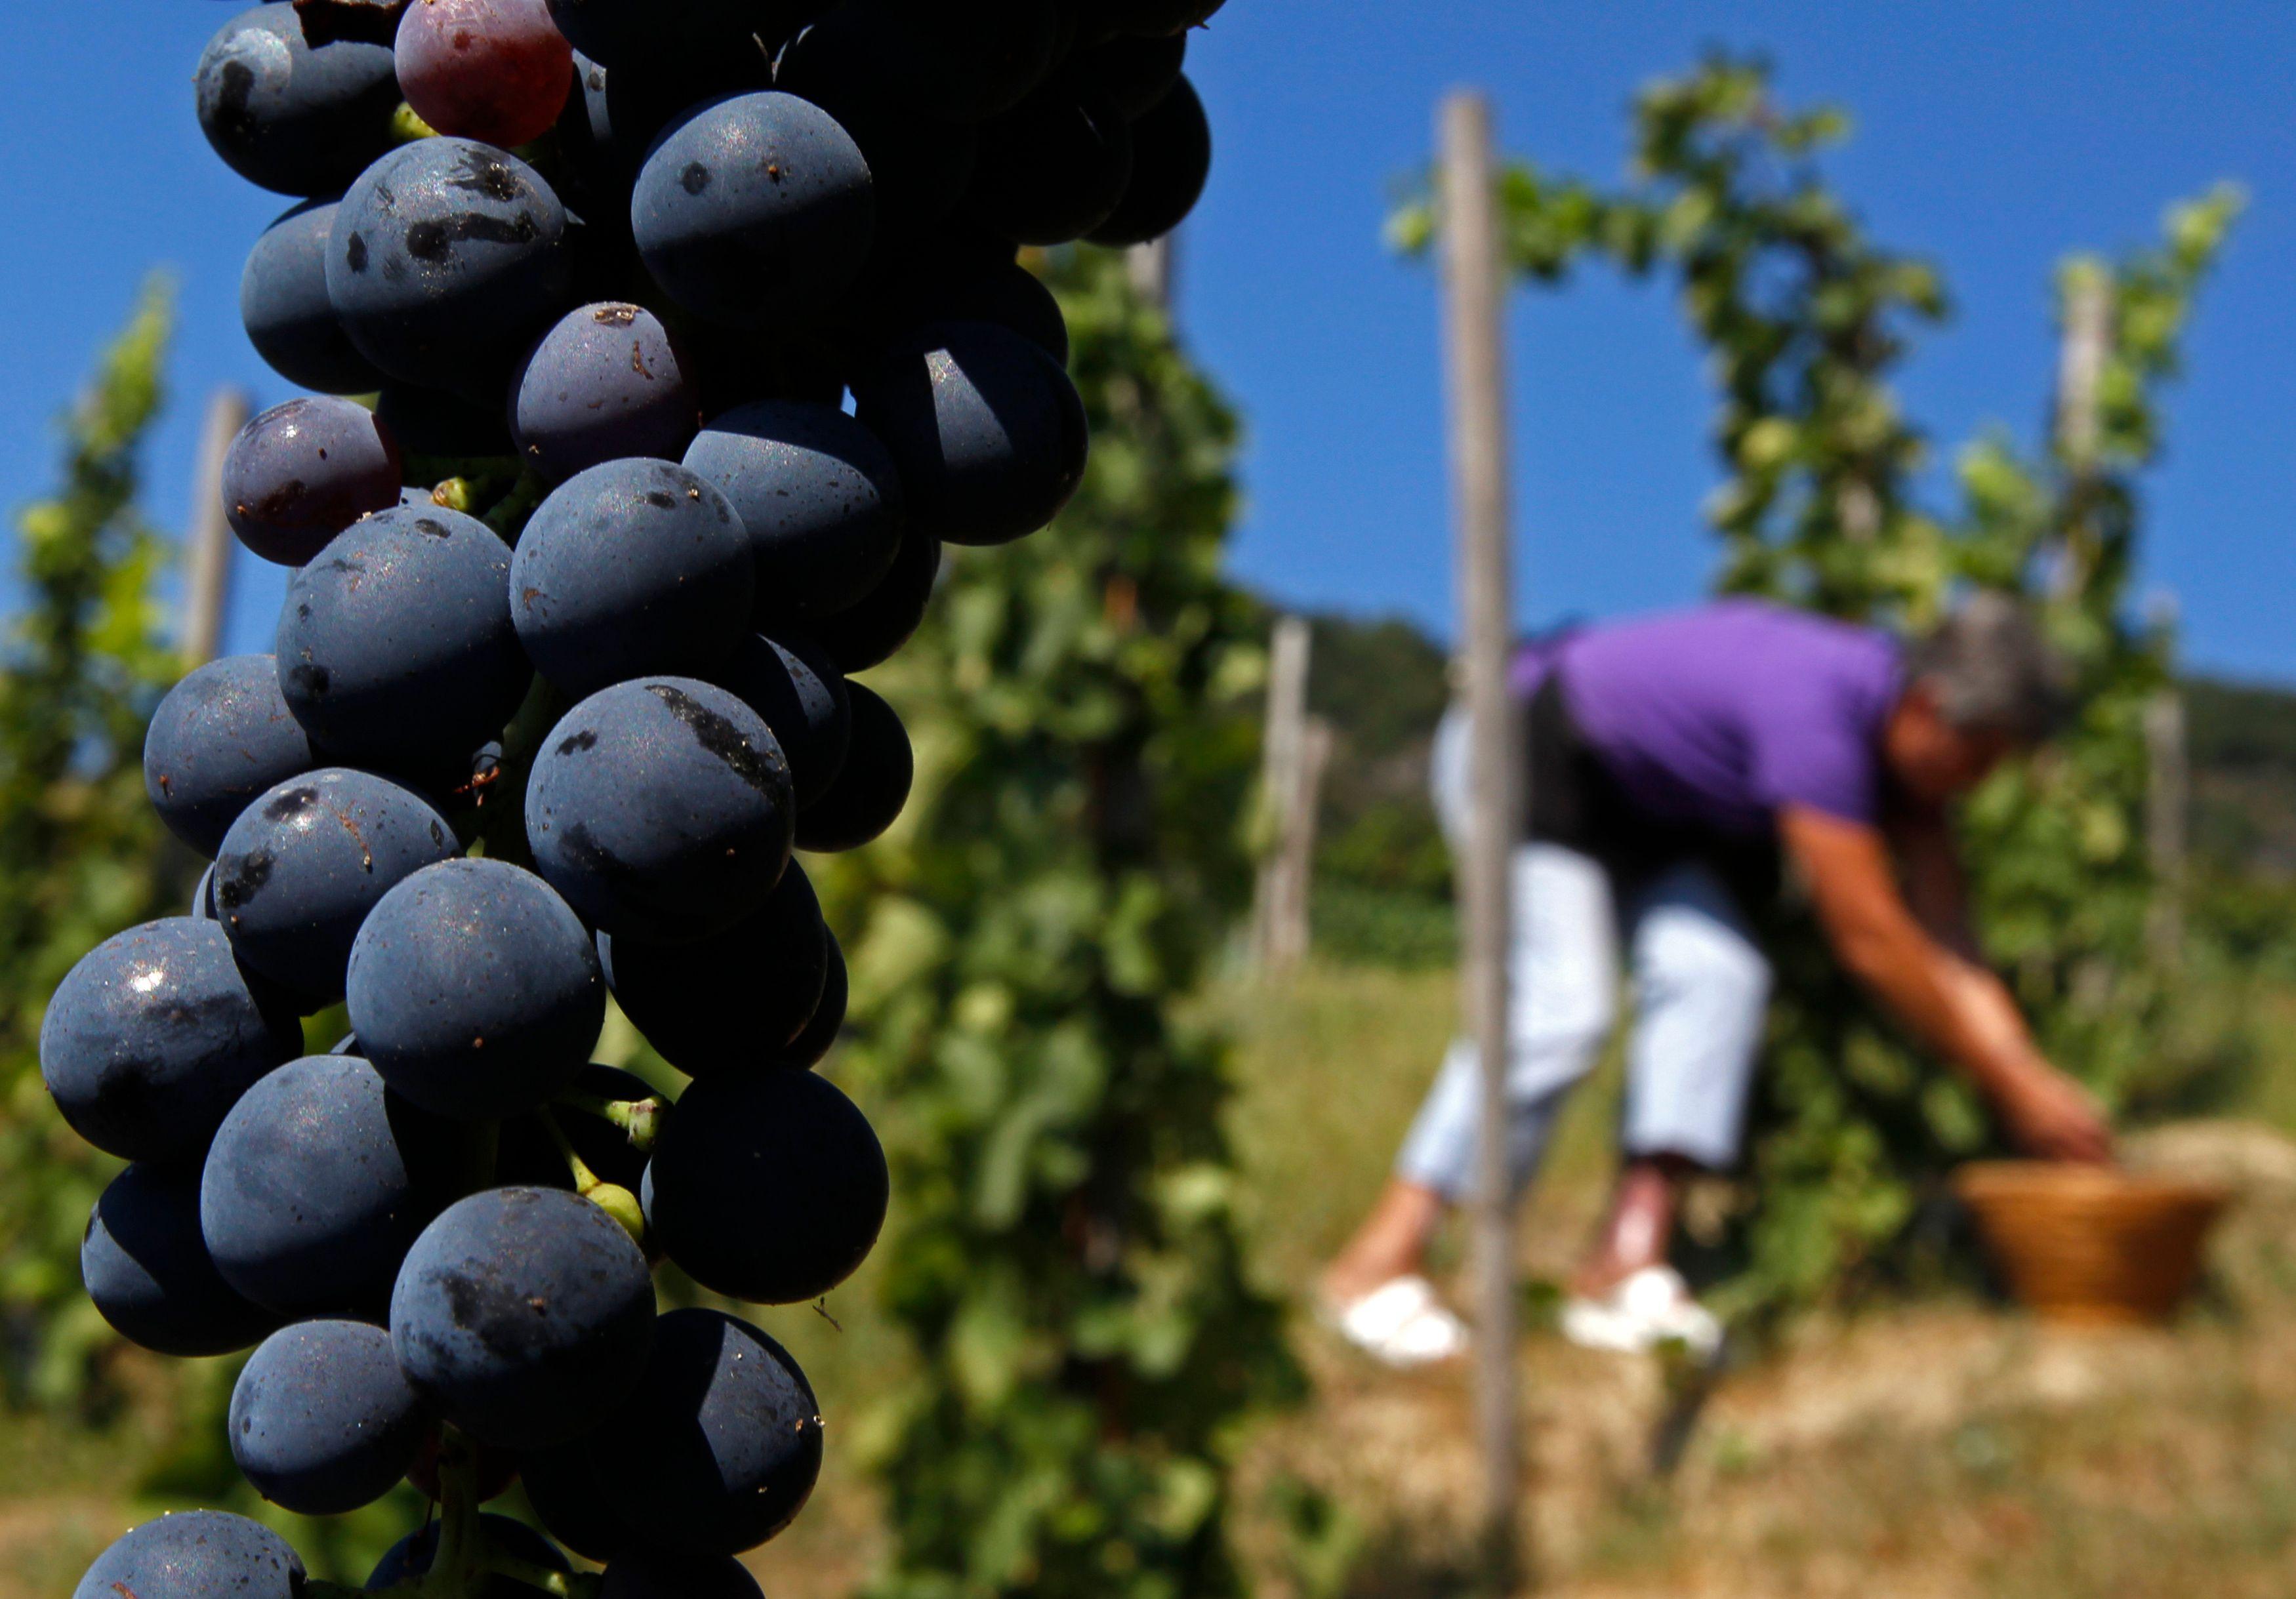 Le secteur du vin représente la deuxième source d'exportation pour la France après l'aéronautique.